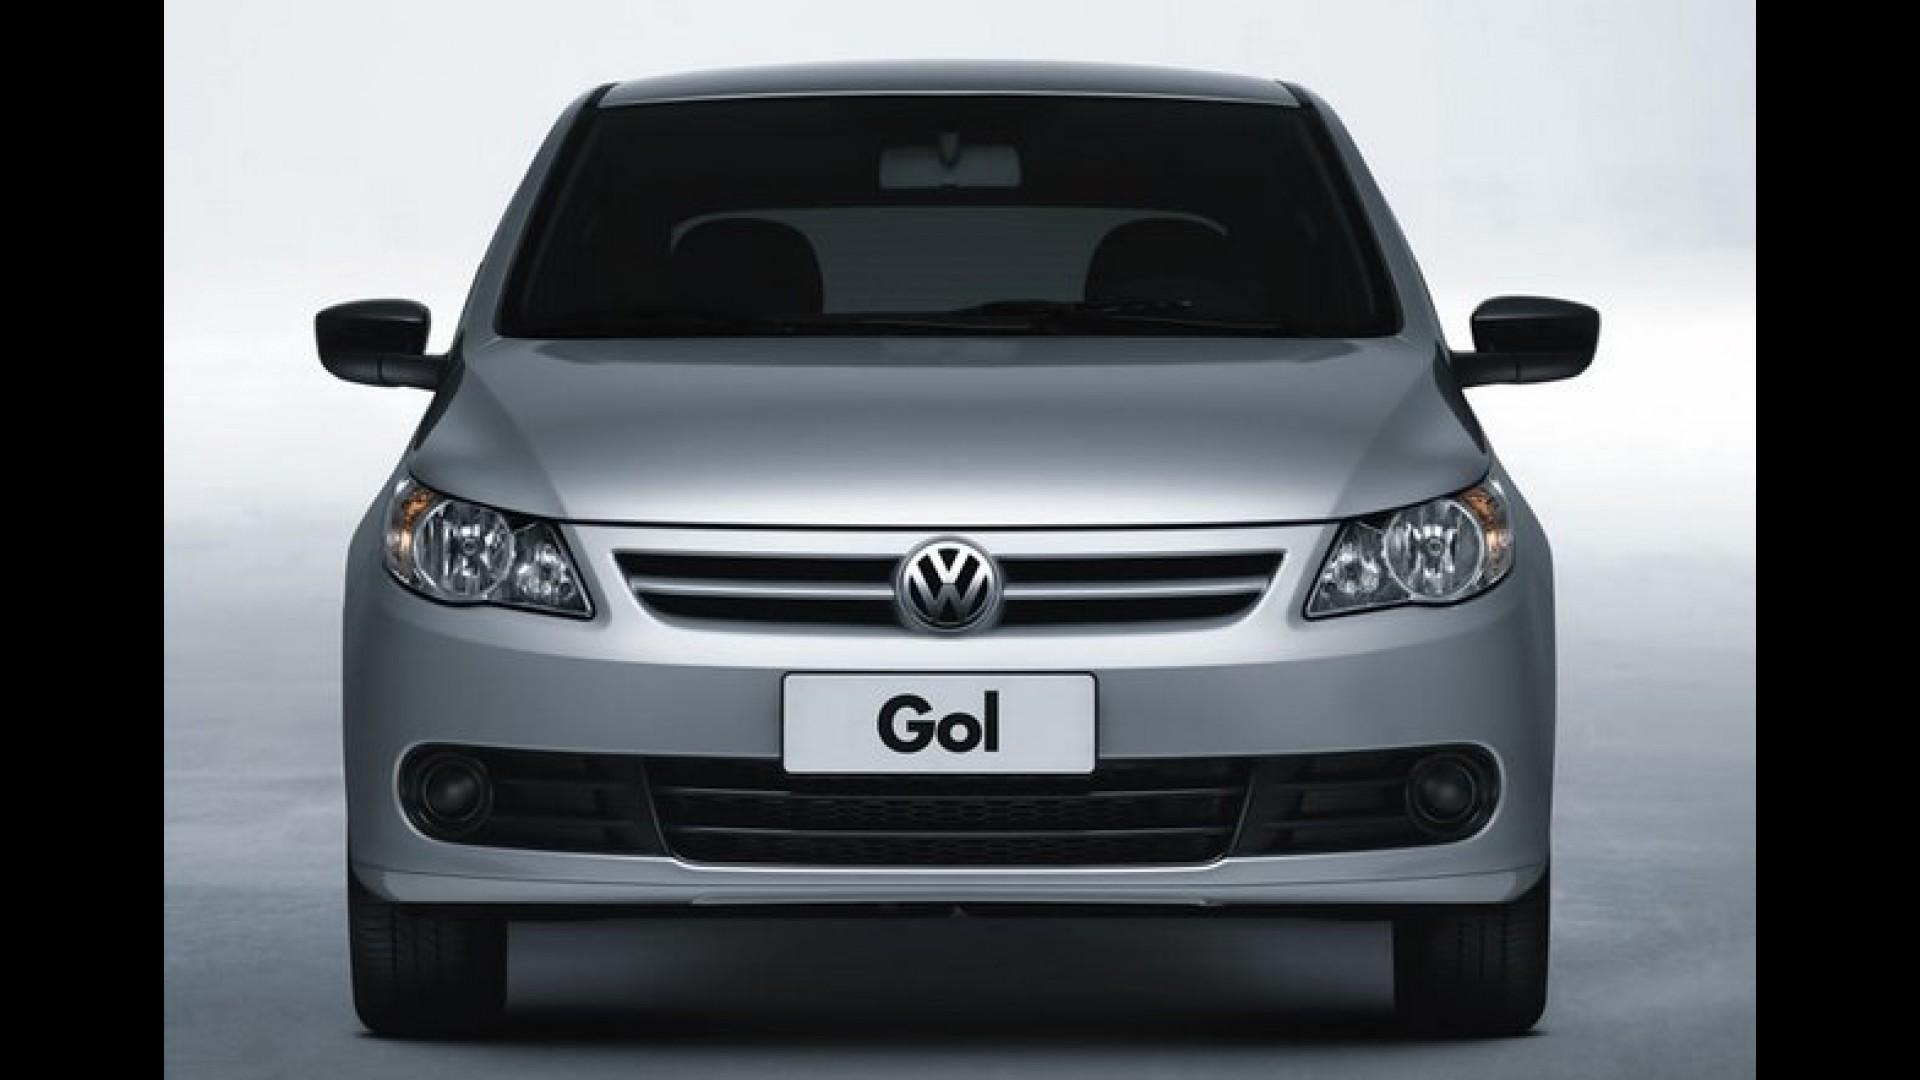 Sobre o Gol g5 Volkswagen-anuncia-linha-gol-g5-2013-no-mexico-preco-inicial-equivale-a-r-18730